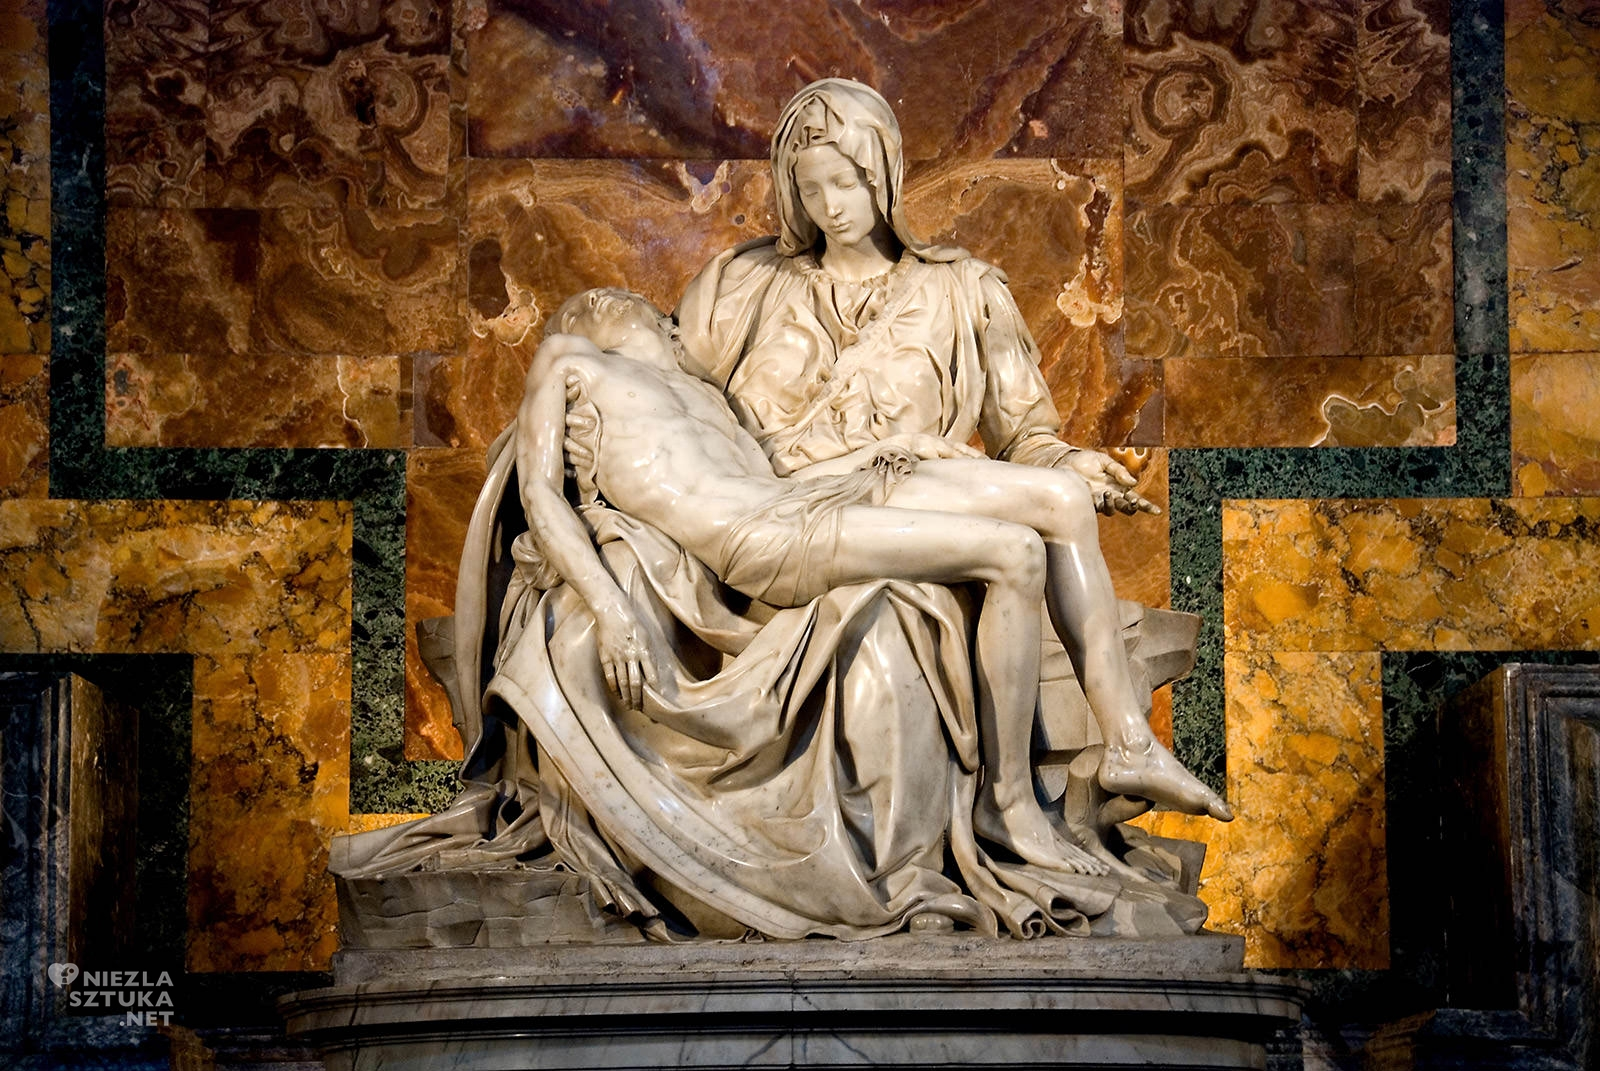 Michał Anioł, Pieta, rzeźba, niezła sztuka